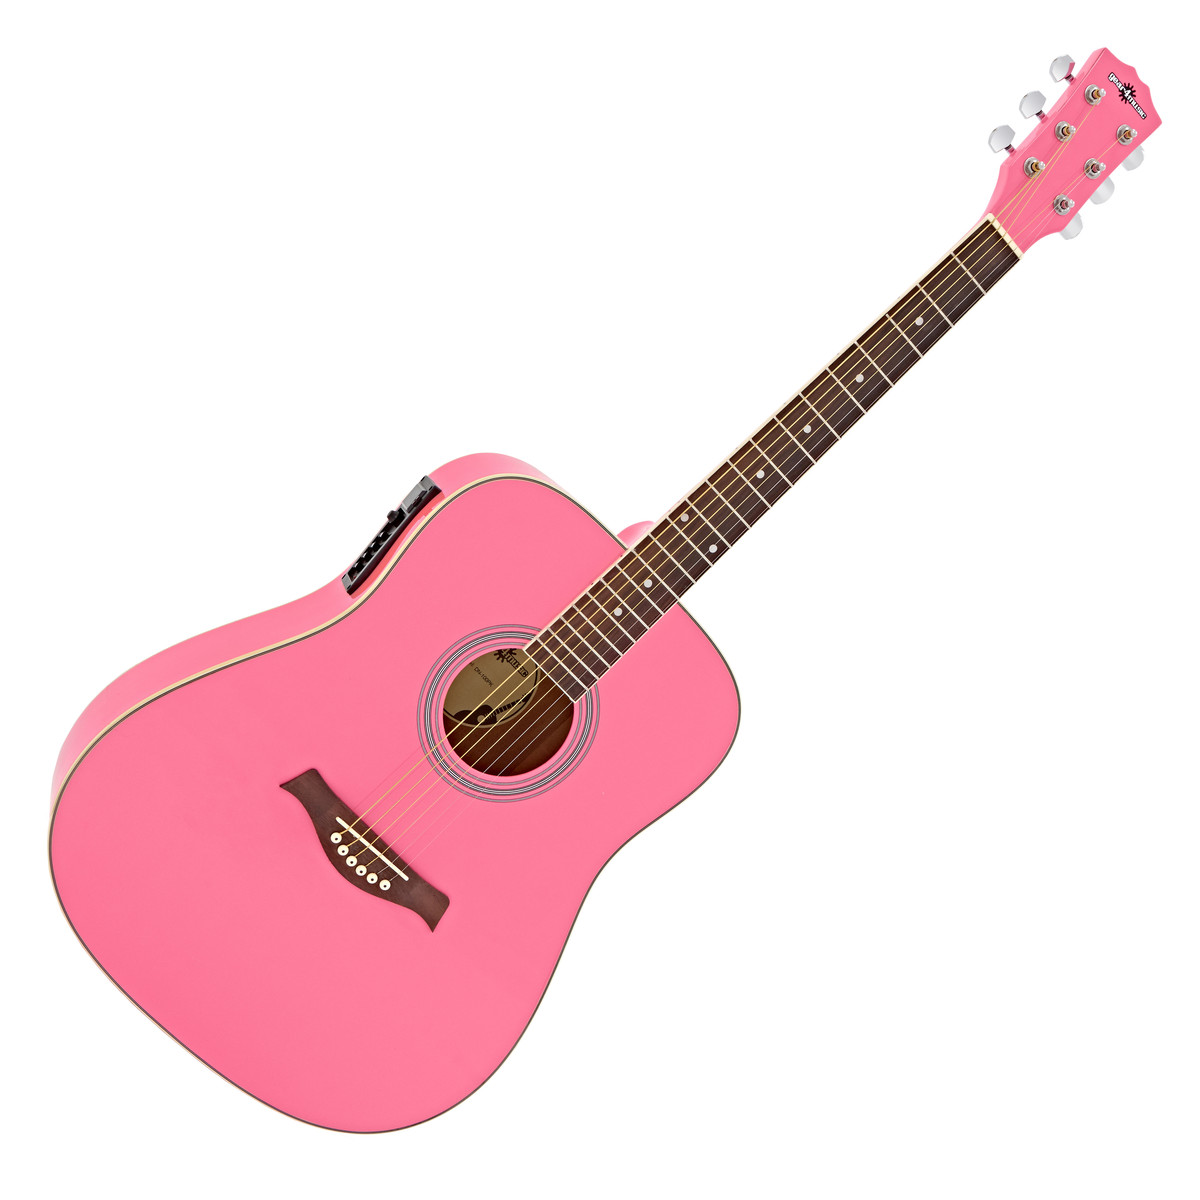 Yamaha Bass Guitar Price In India